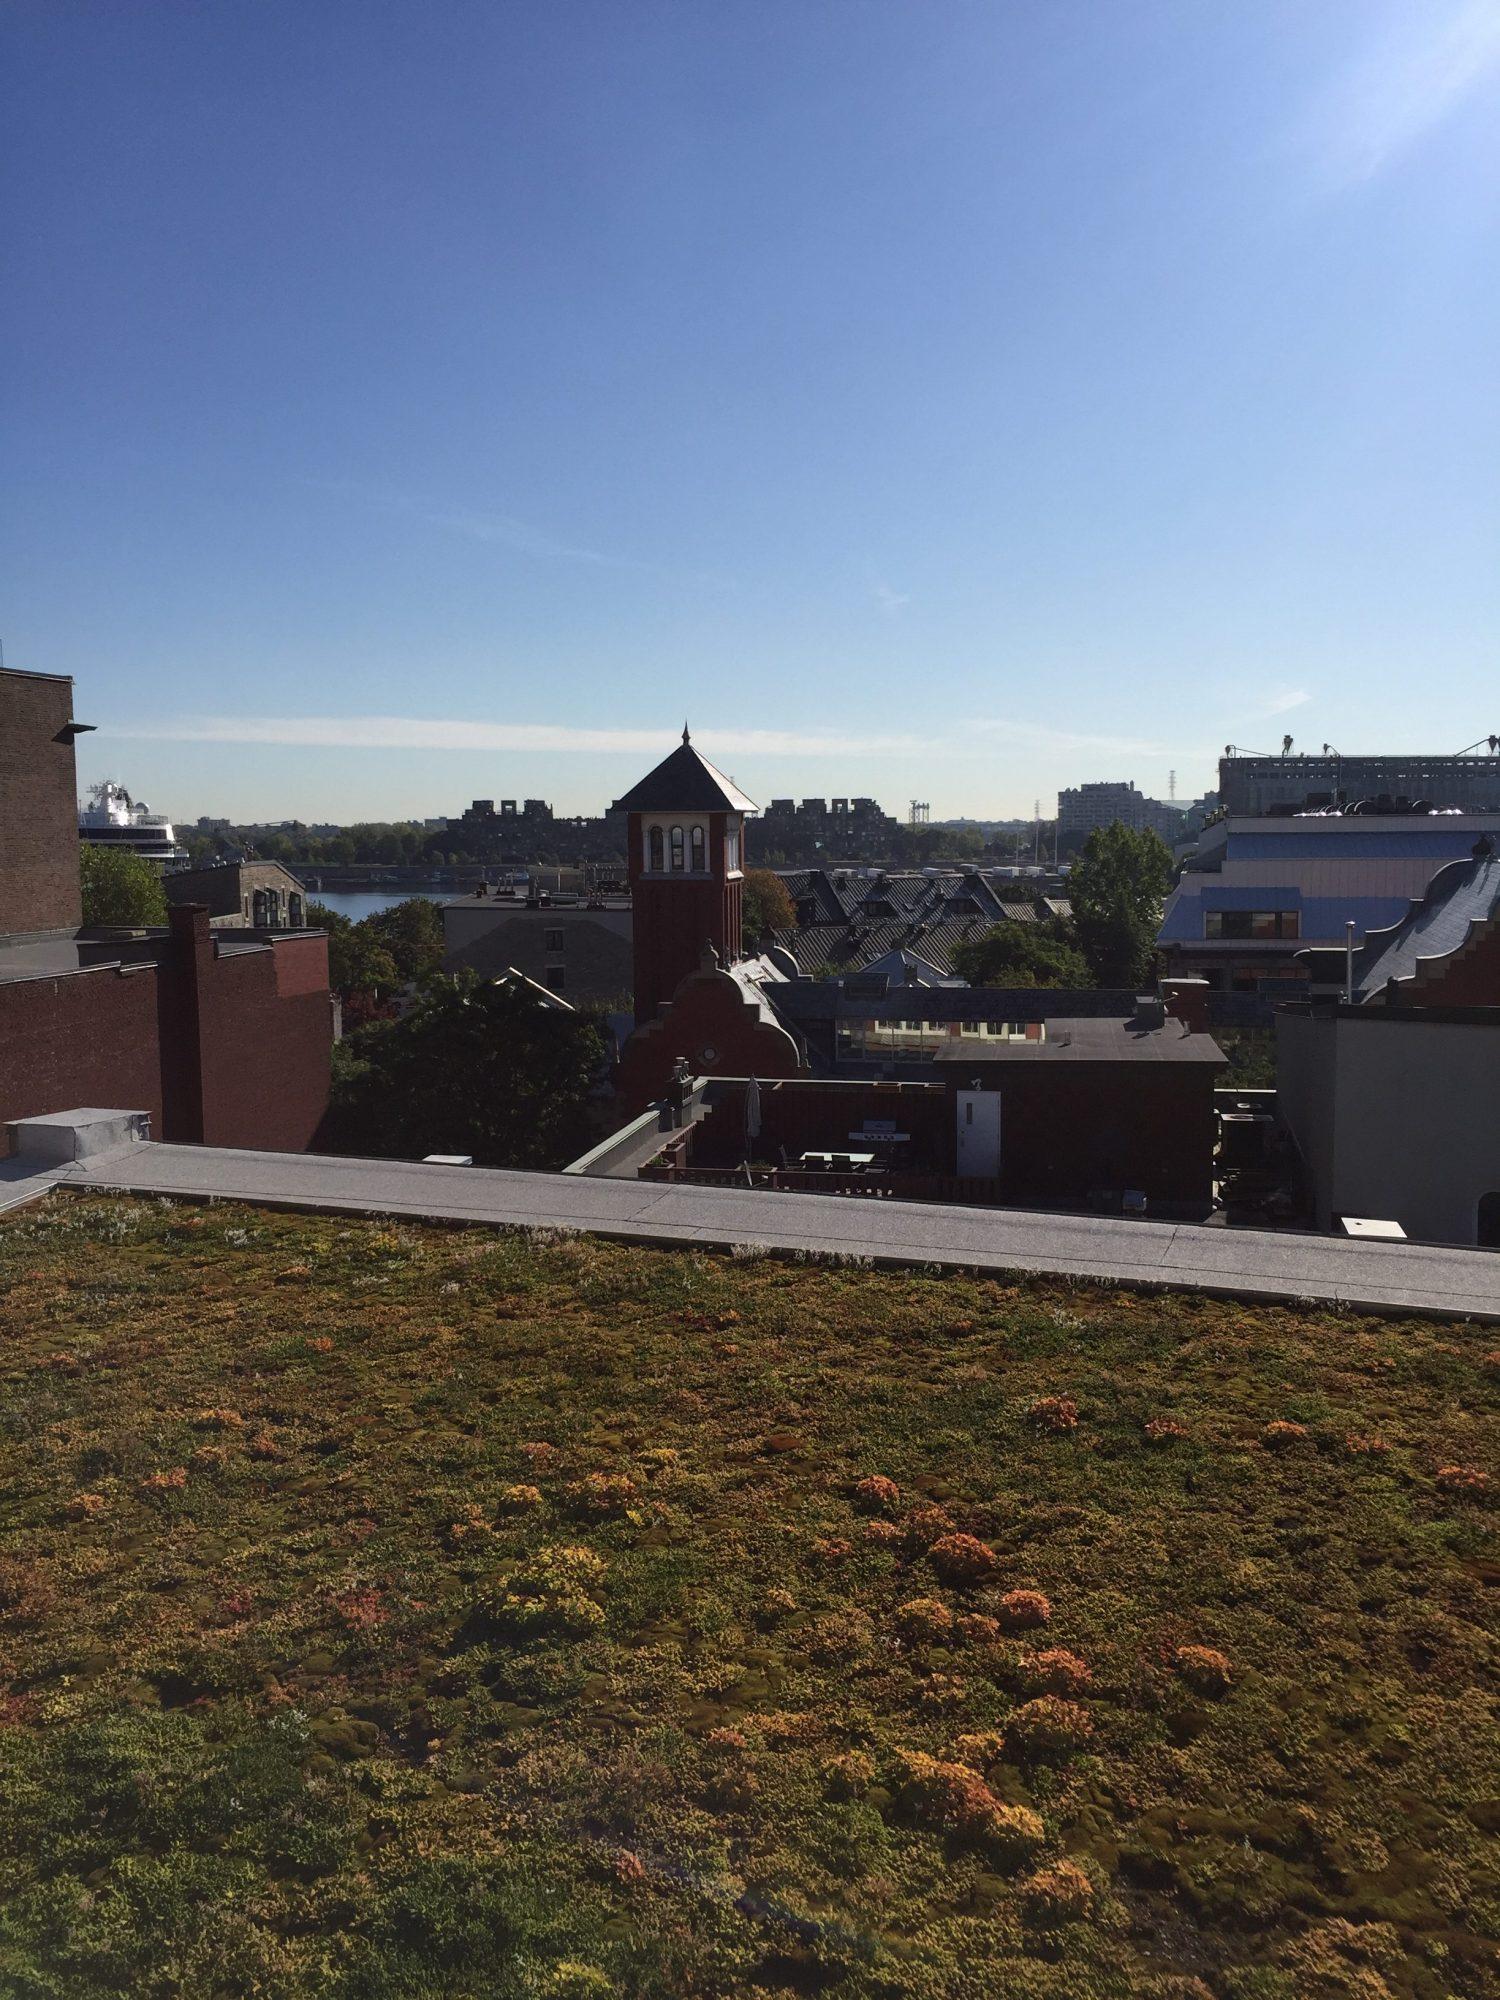 Toit plat vert Montreal Couvreur Emile Lelievre Ferblantier toit vert vieux Montréal